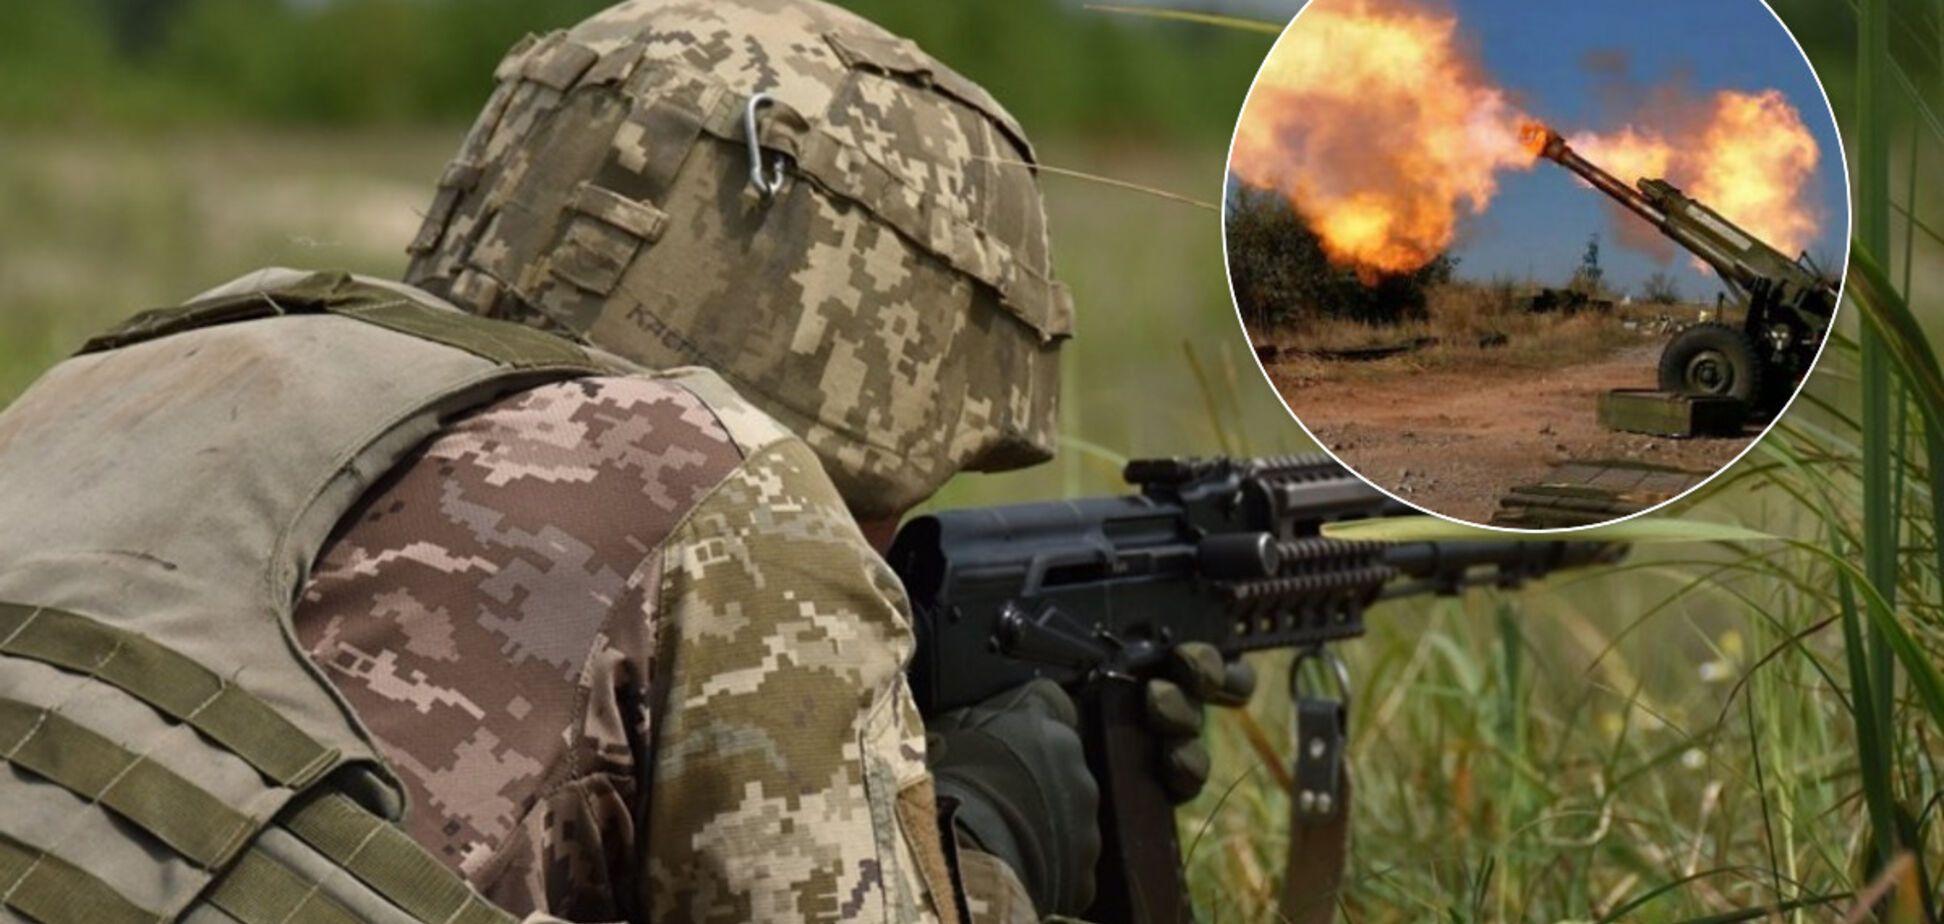 ЗСУ дали бій військам Росії на Донбасі: у ворога великі втрати